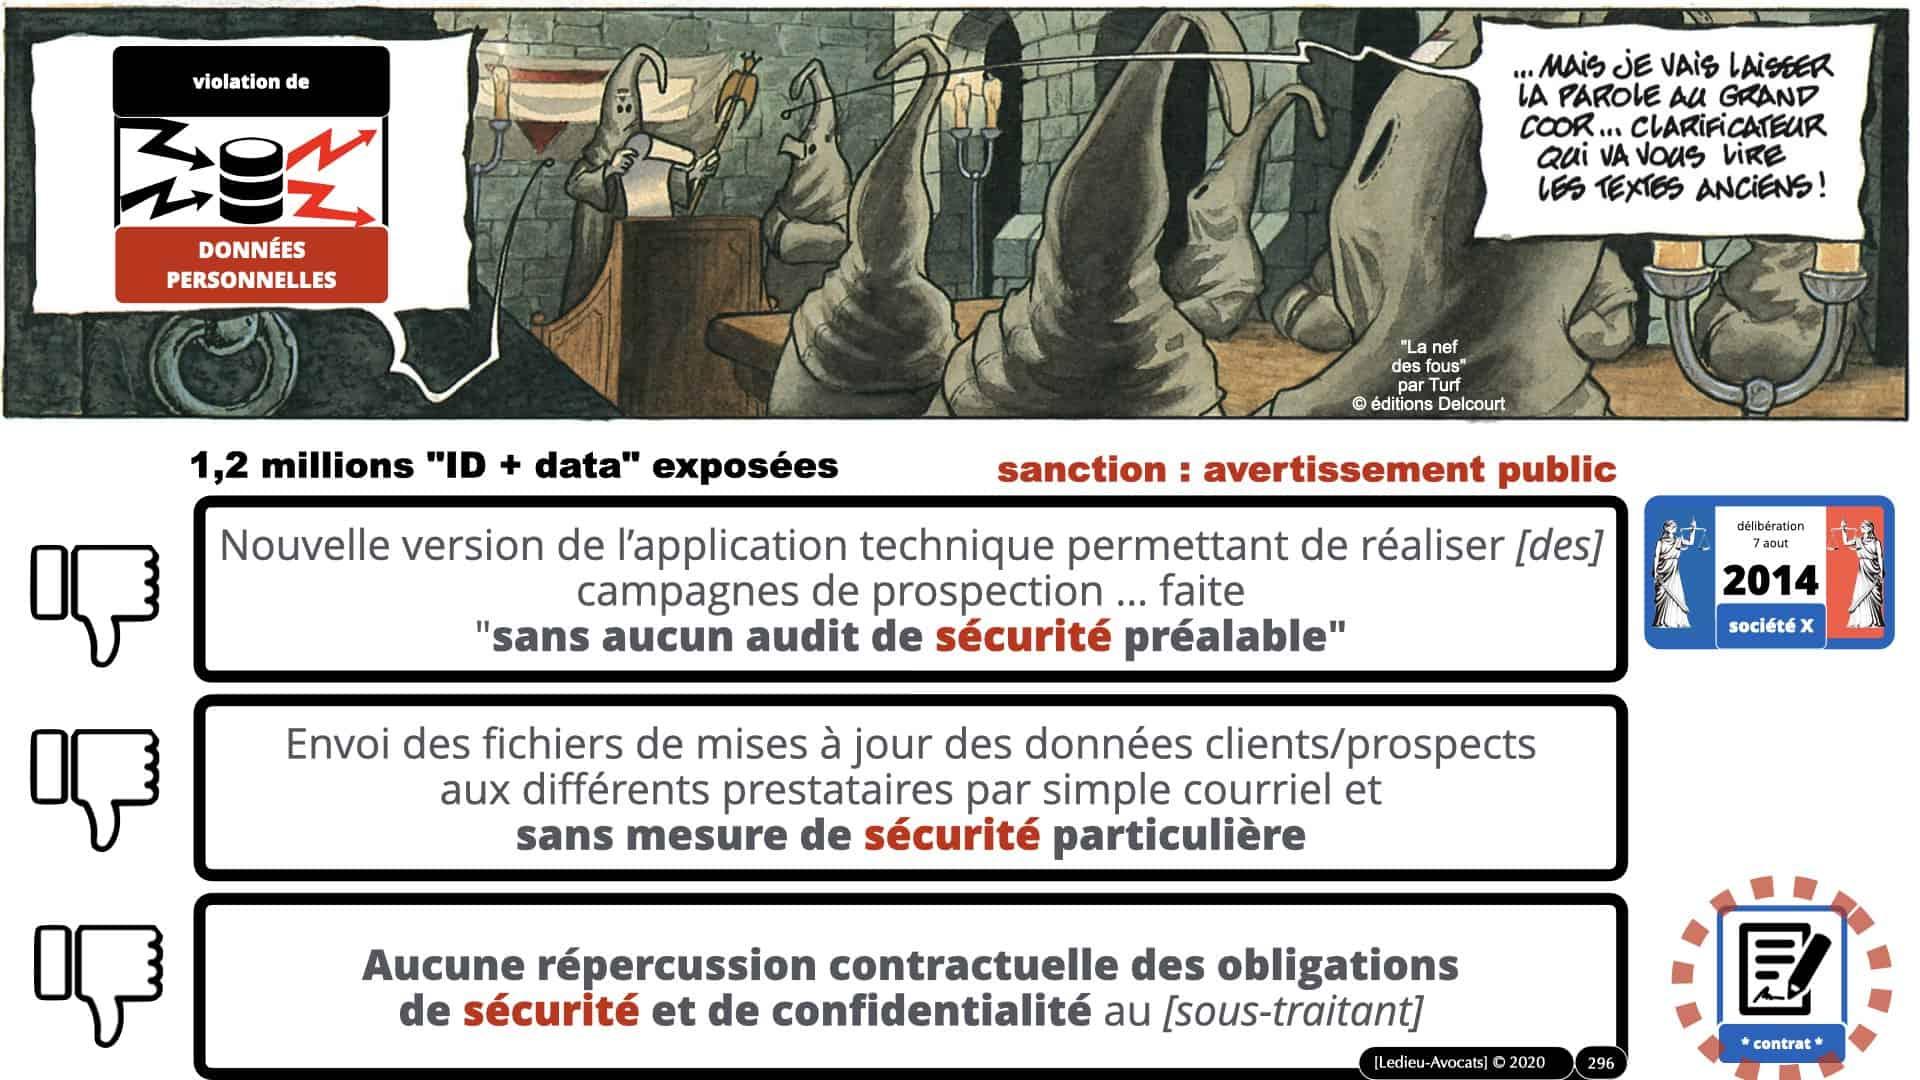 RGPD e-Privacy données personnelles jurisprudence formation Lamy Les Echos 10-02-2021 ©Ledieu-Avocats.296